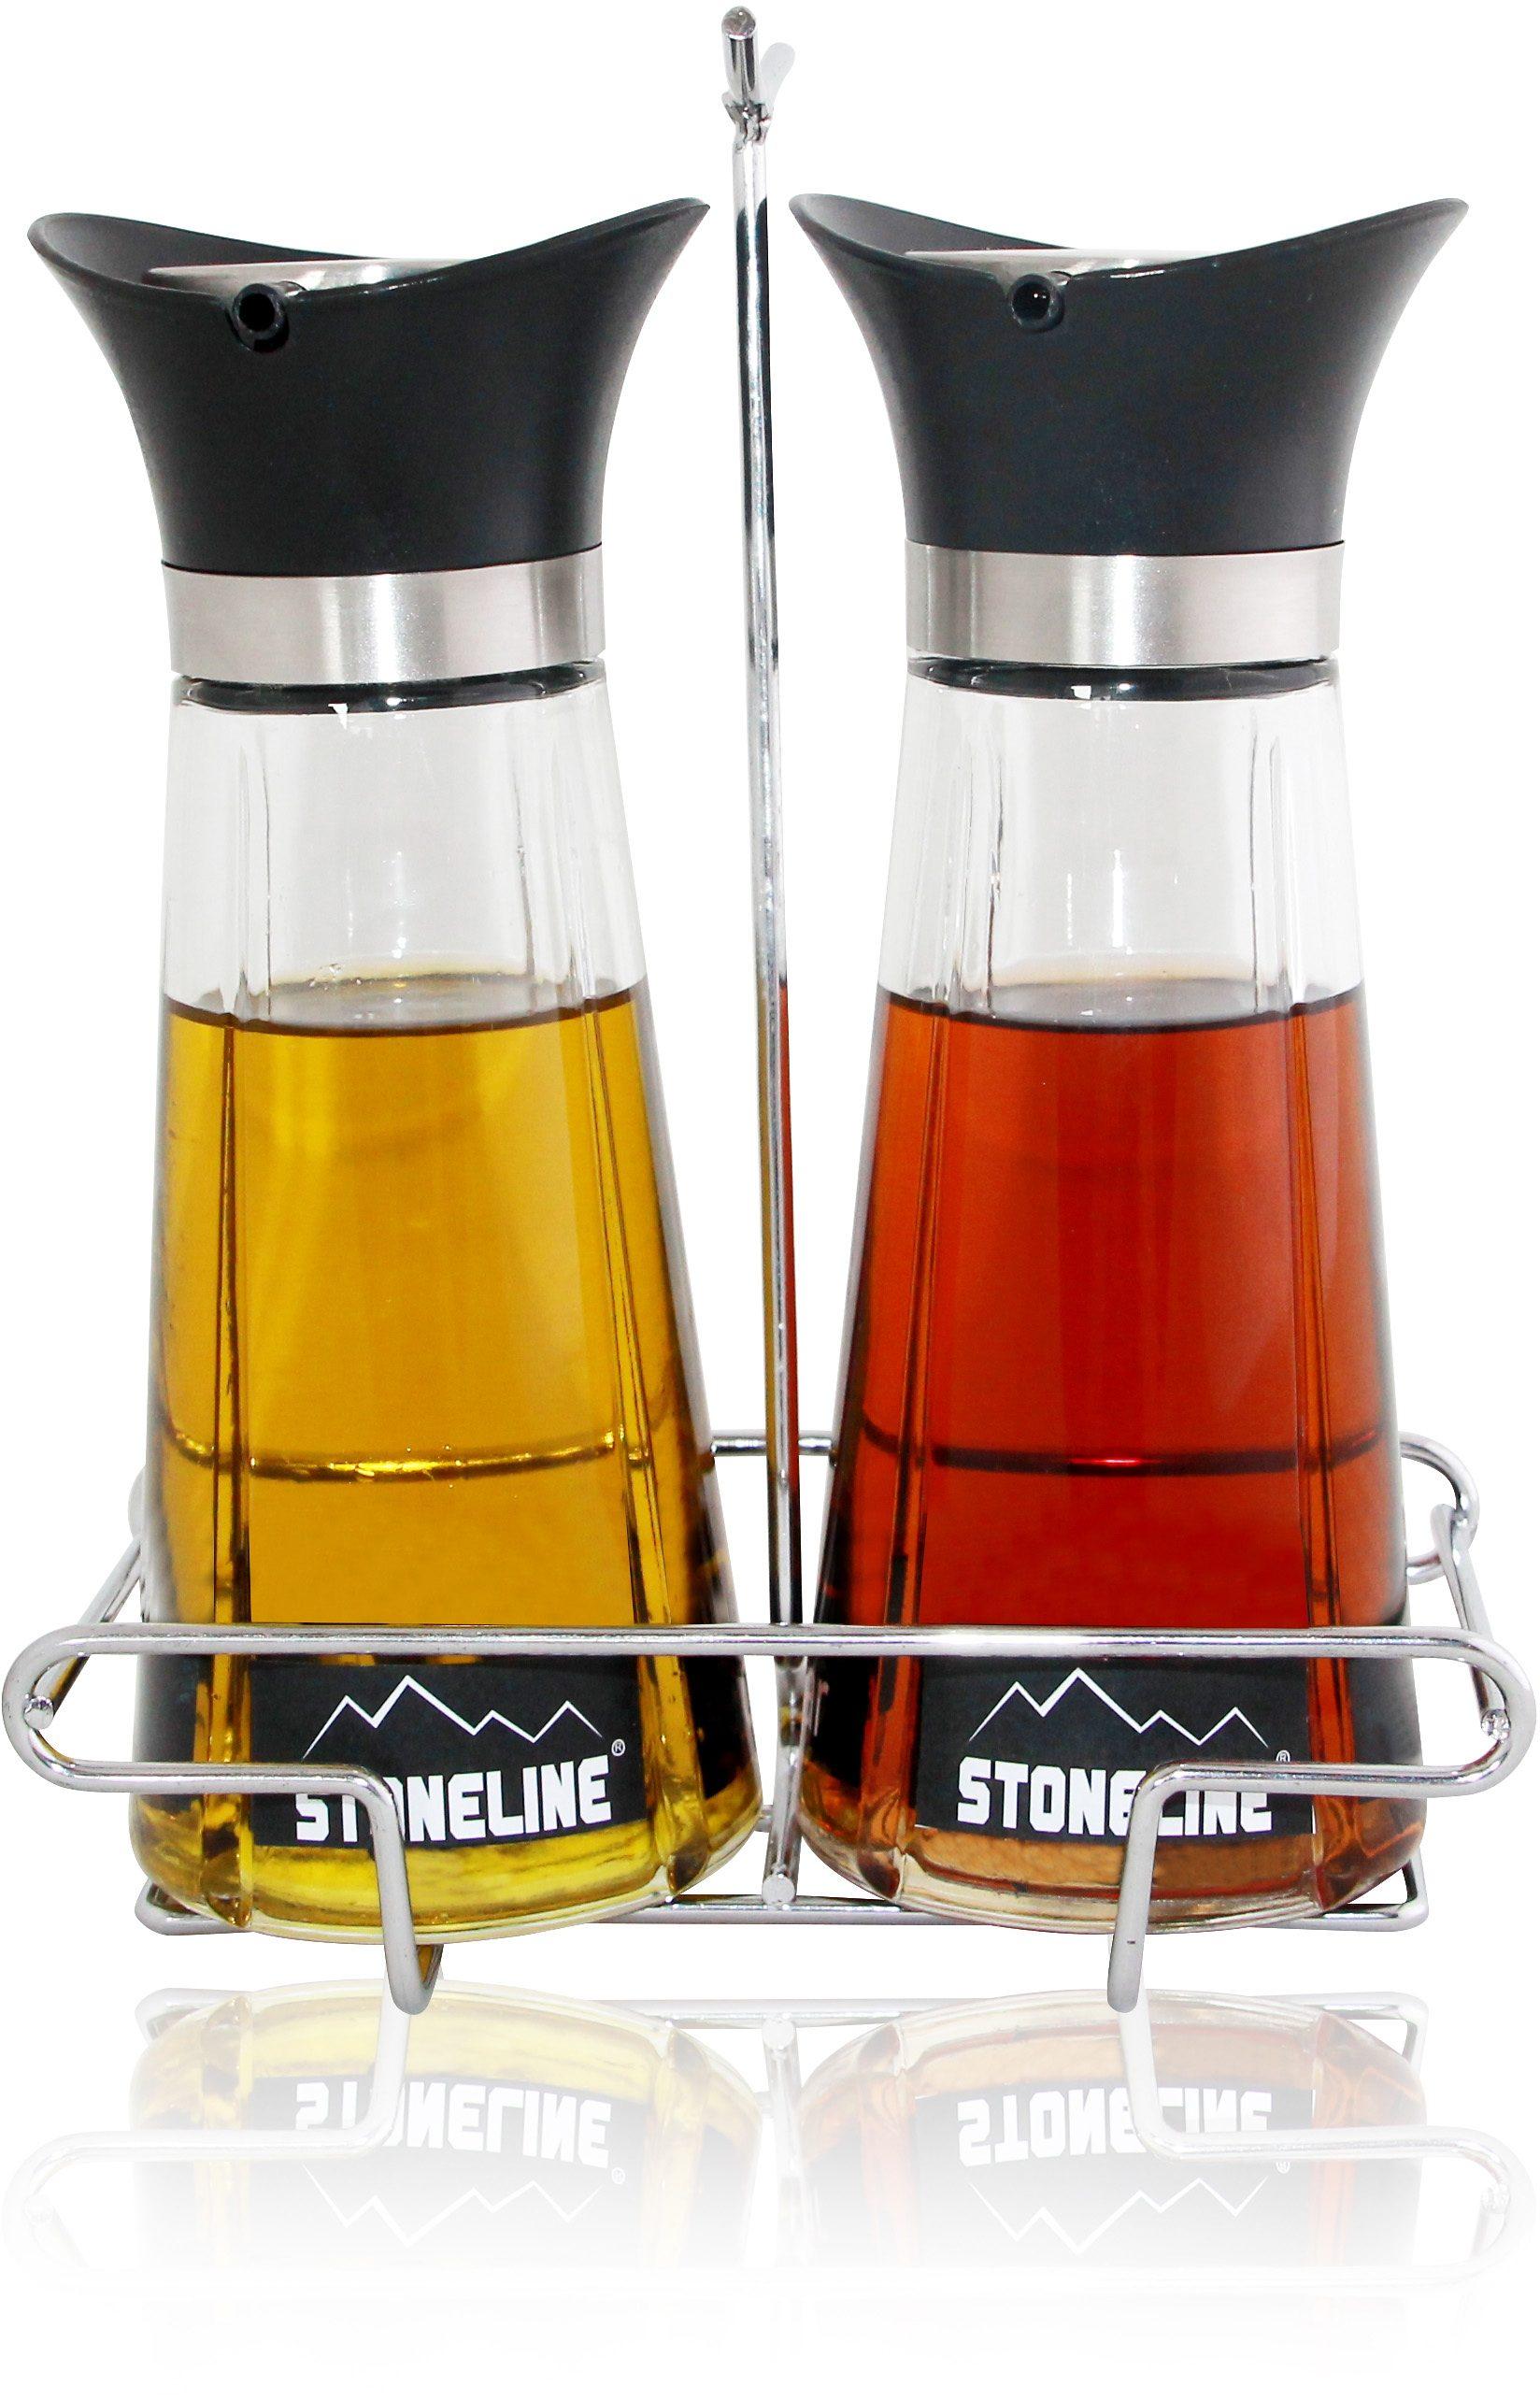 STONELINE® Essig- und Ölflaschen-'Set, 2-teilig